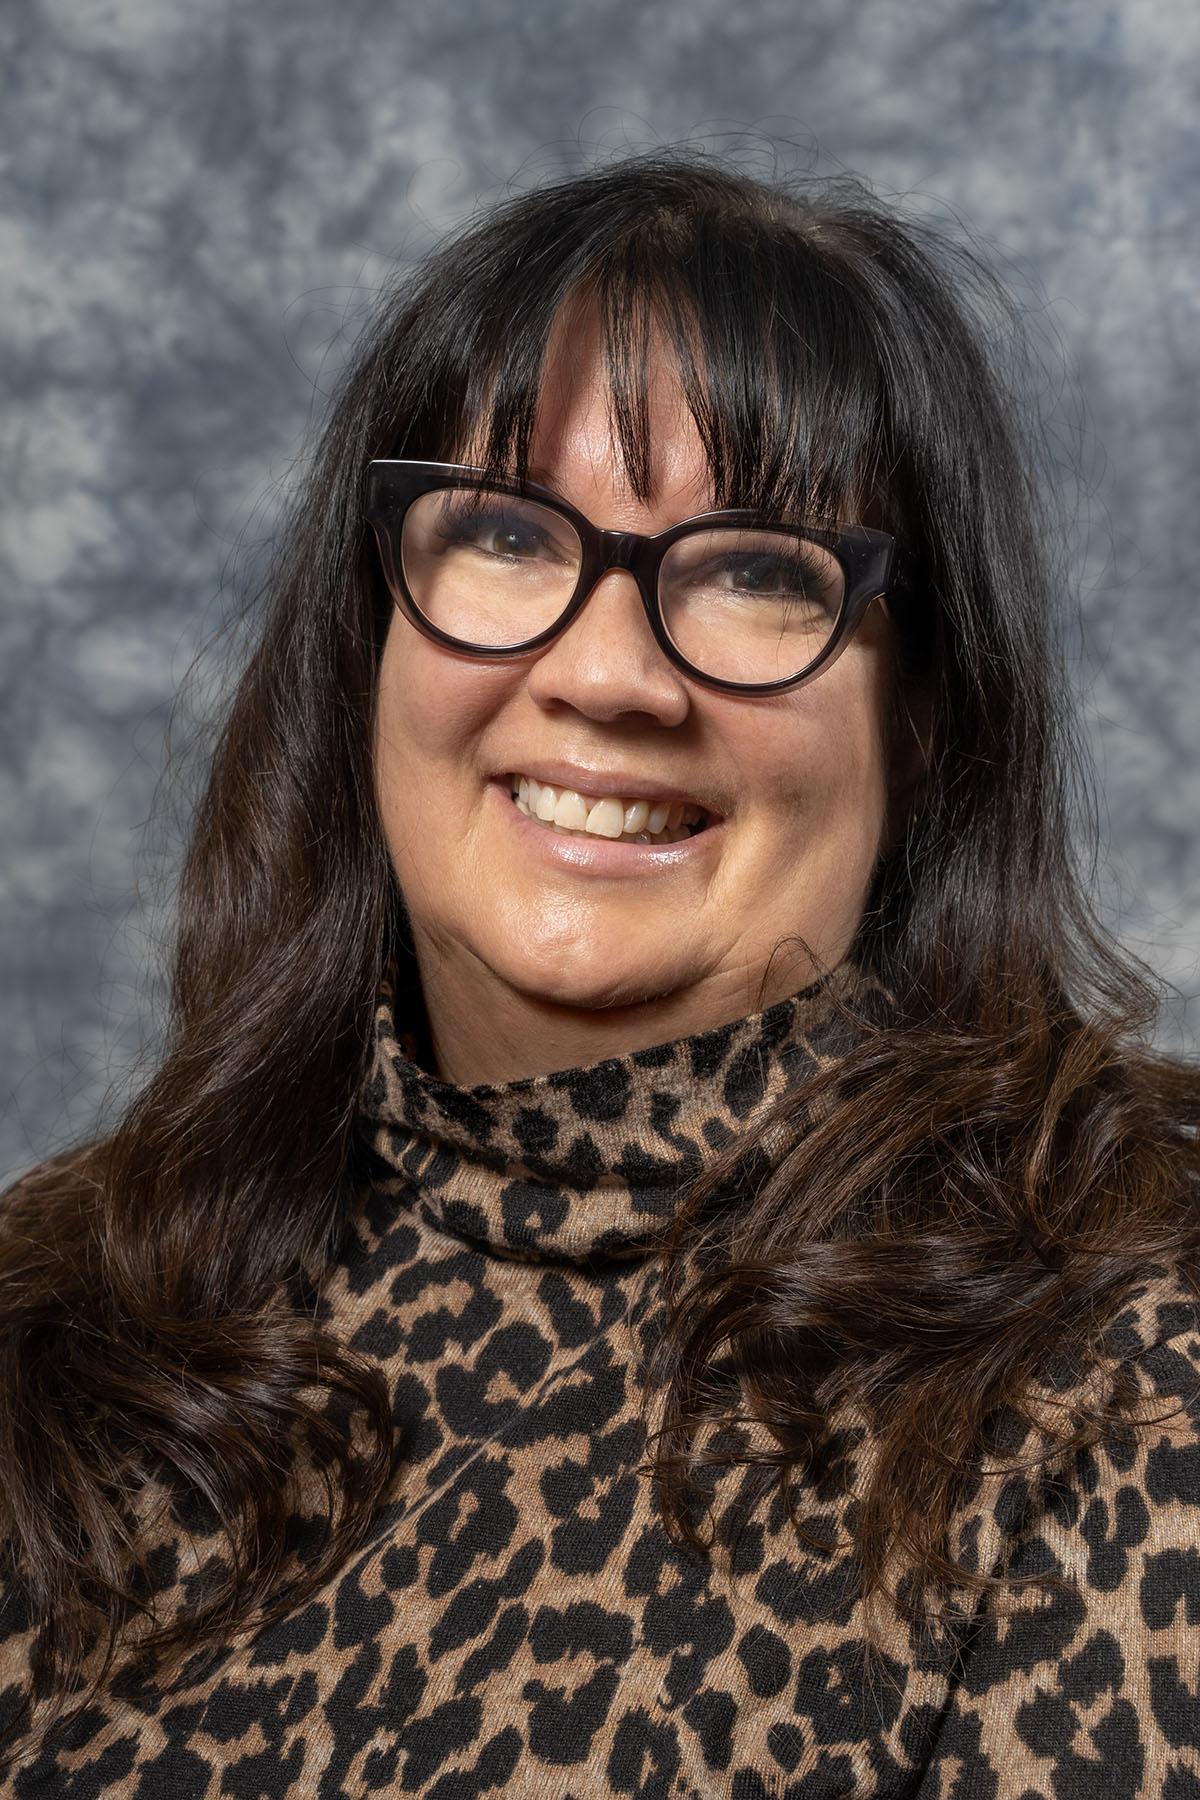 Lisa Turchansky